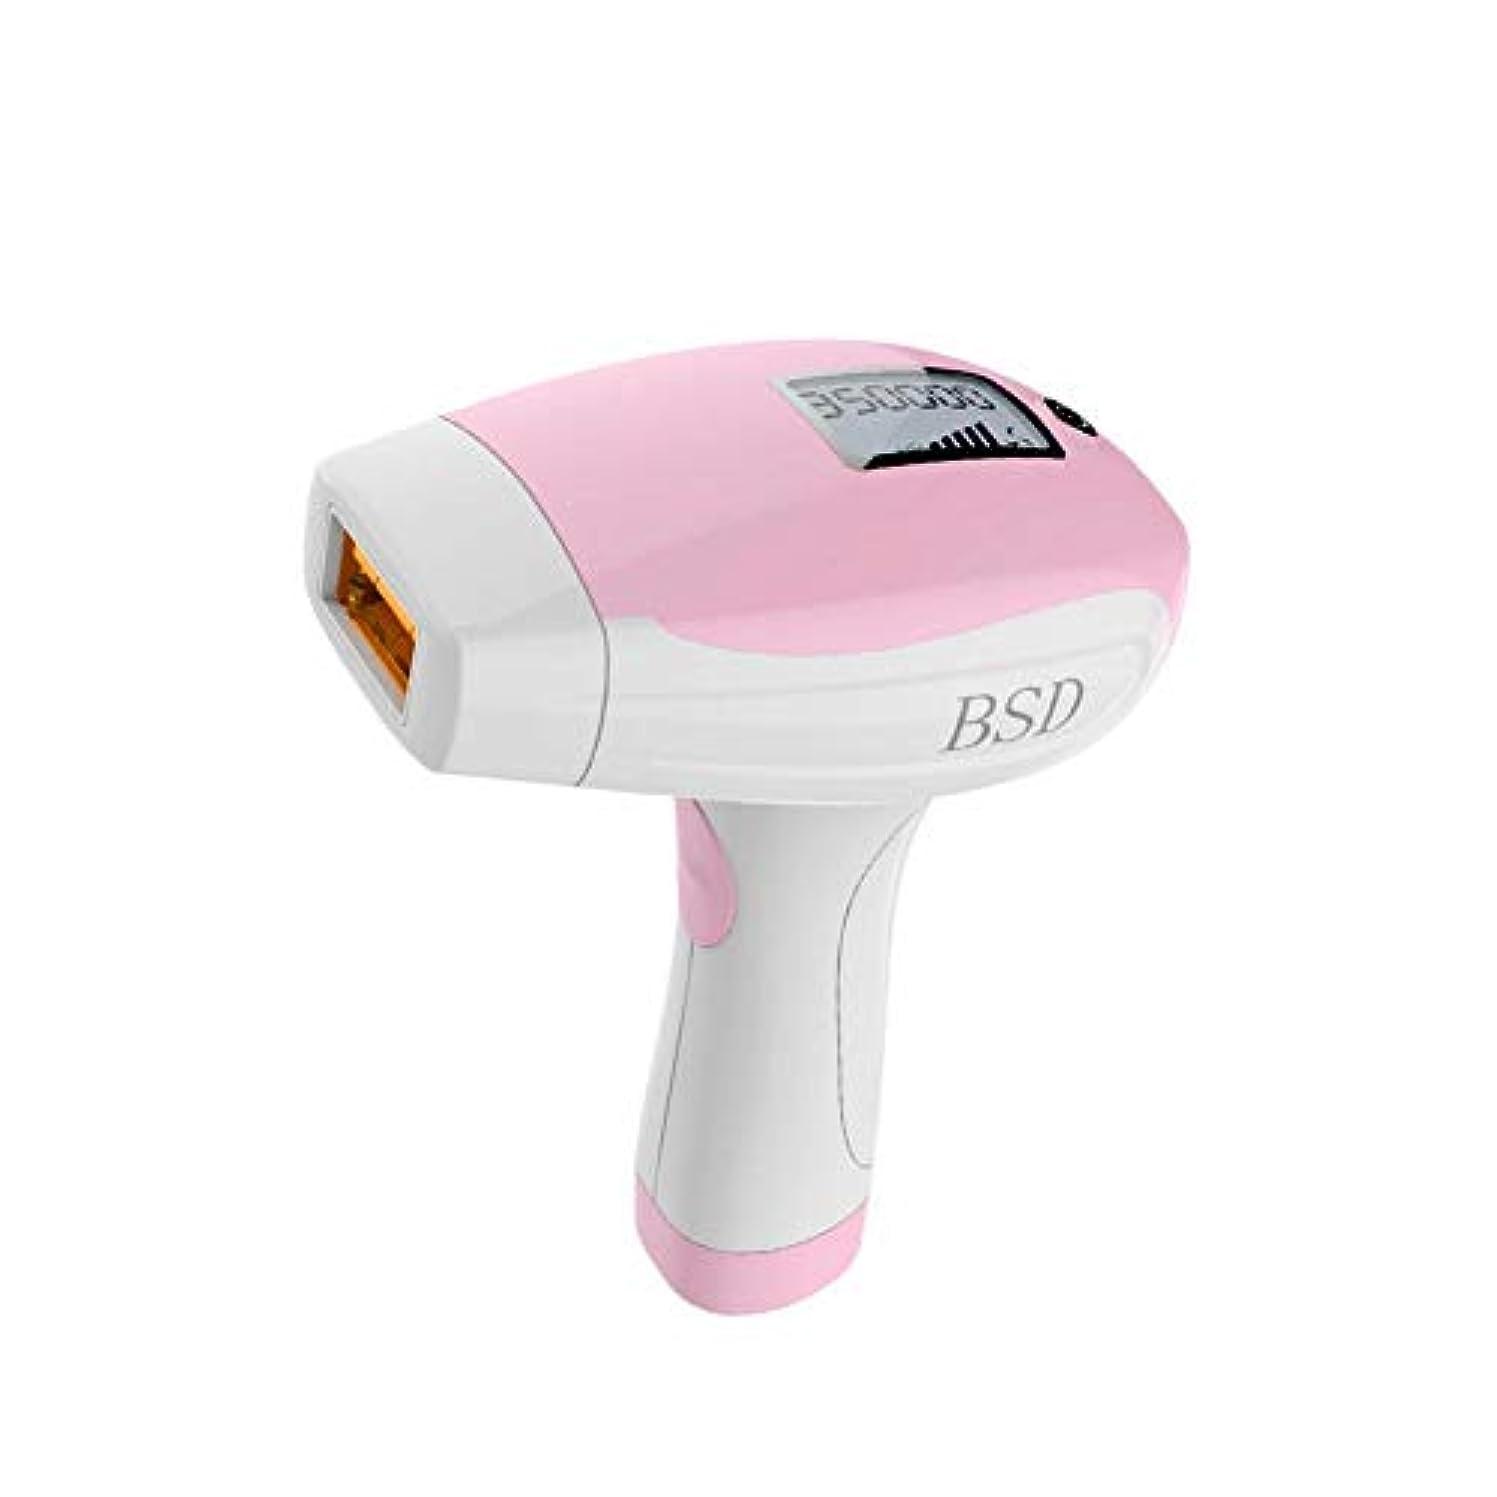 インストラクター選出する投資するBETTER YOU (ベター ュー) 脱毛装置、氷上脱毛、痛みなし、皮膚損傷なし、刺激なし、強力な洗浄力、女性用脱毛装置